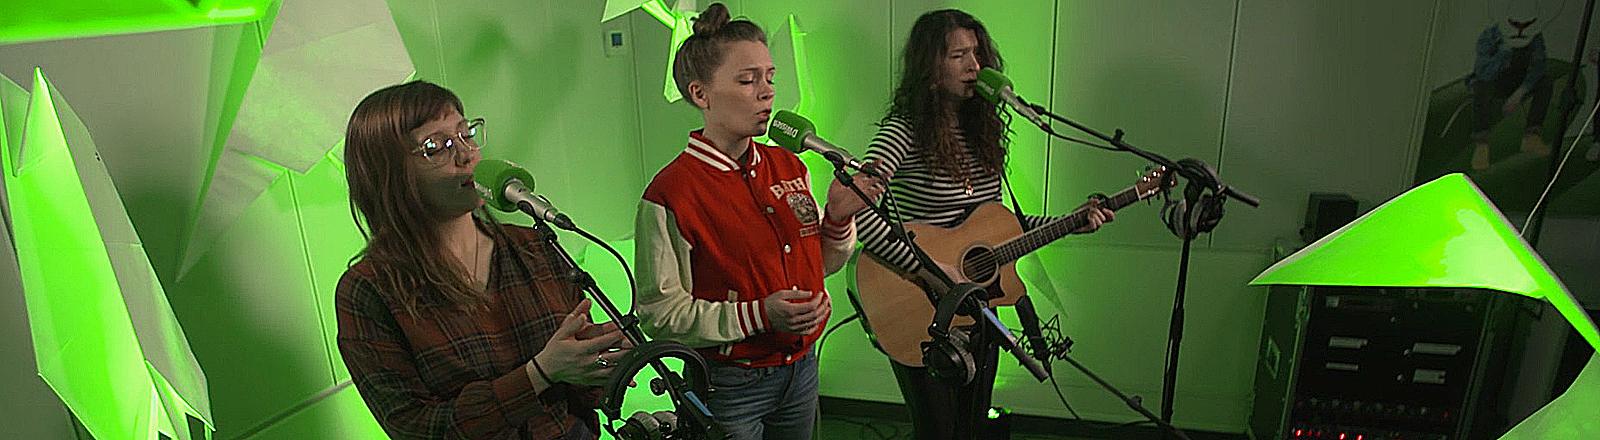 Die US-Band Joseph bei dem Konzert in Köln